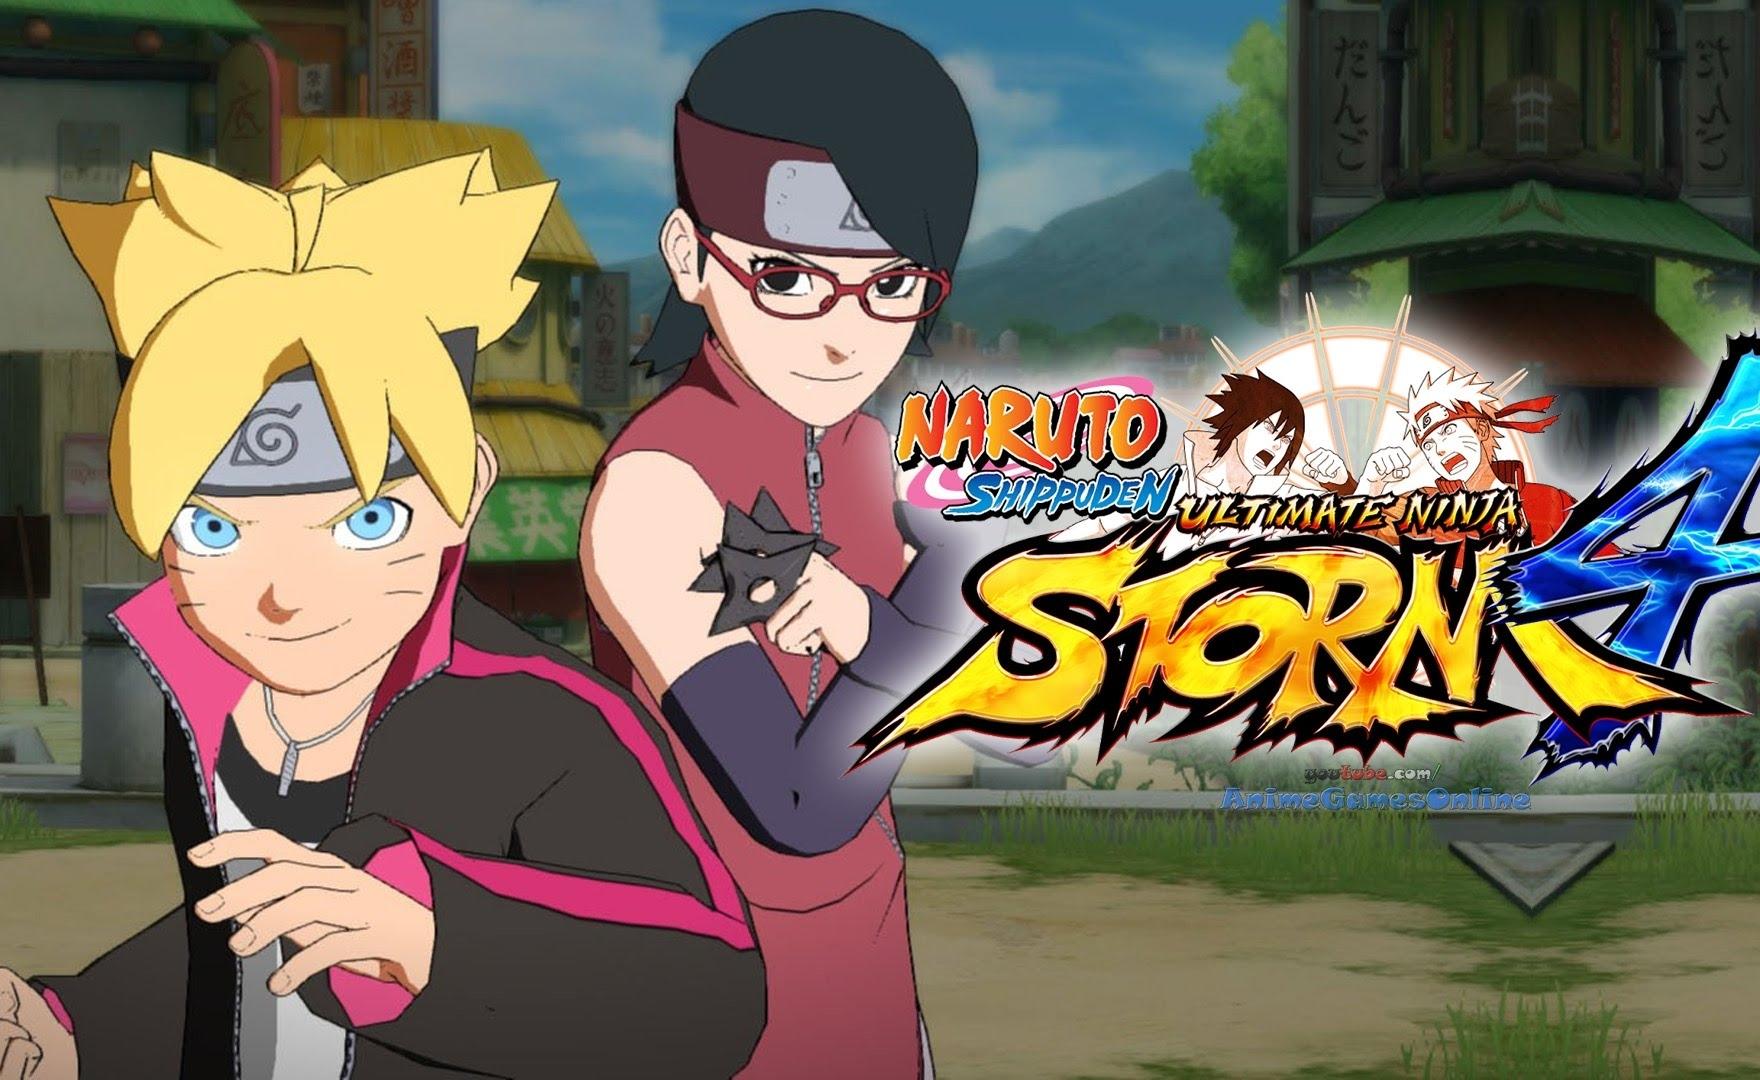 Naruto Shippuden Ultimate Ninja Storm 4 Road to Boruto: trailer e data per la versione Switch